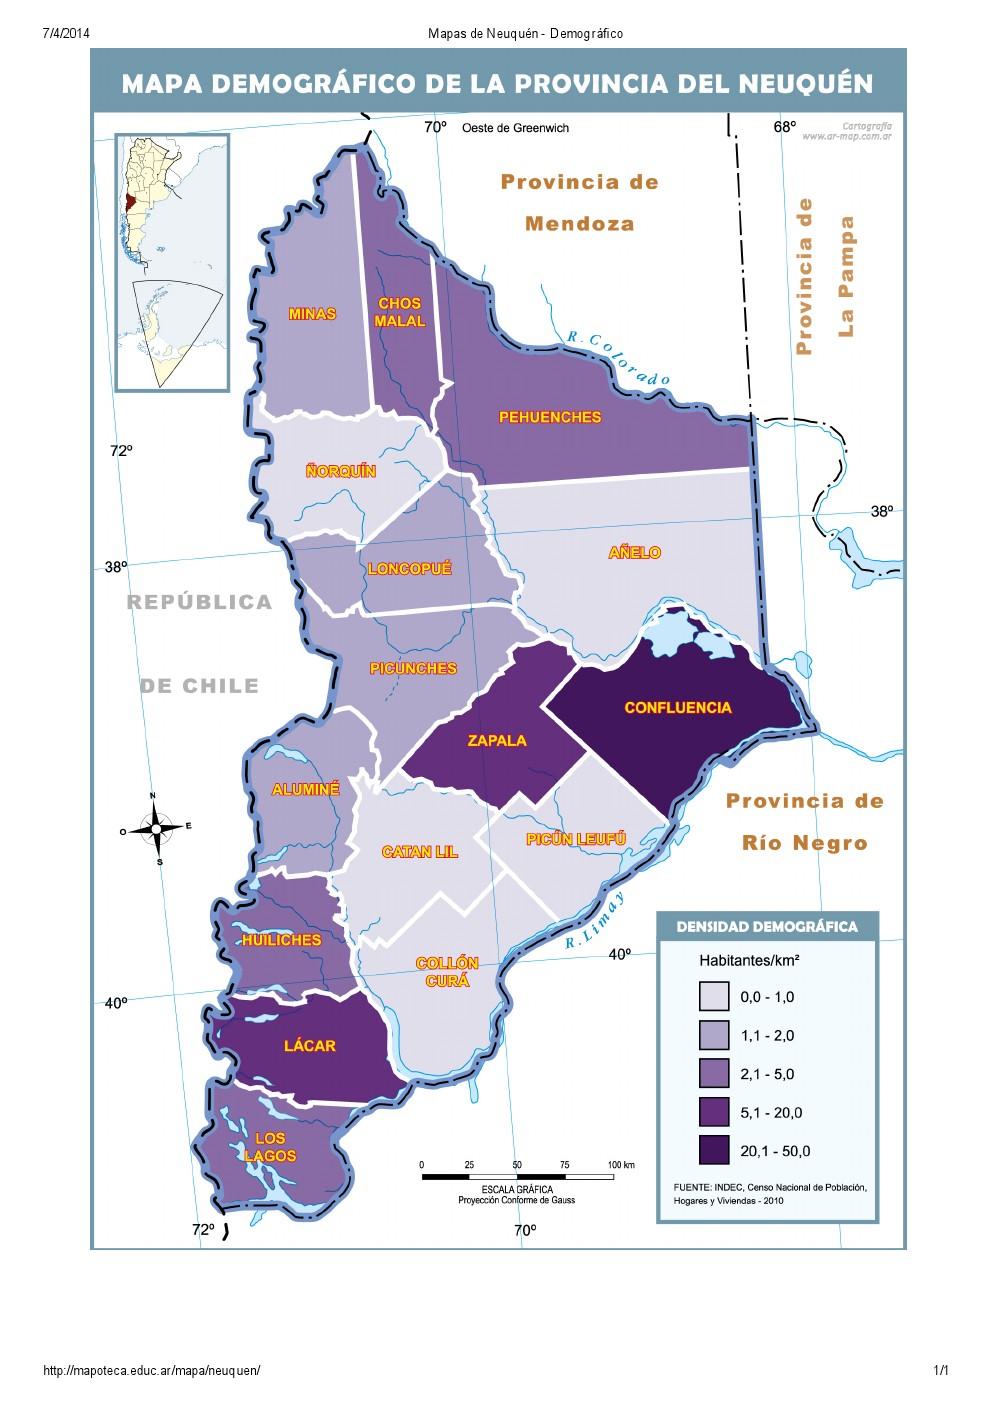 Mapa demográfico de Neuquén. Mapoteca de Educ.ar